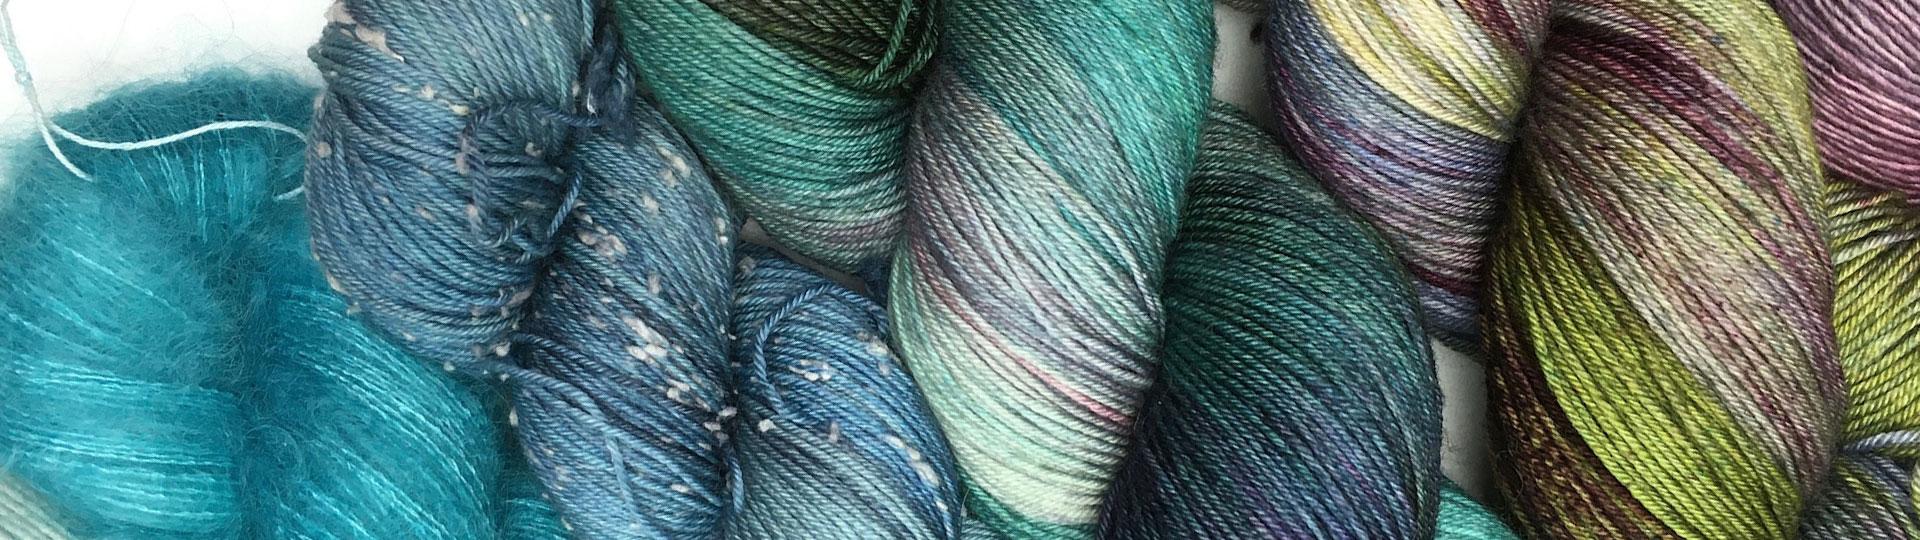 laines teintes à la main dégradé de bleu